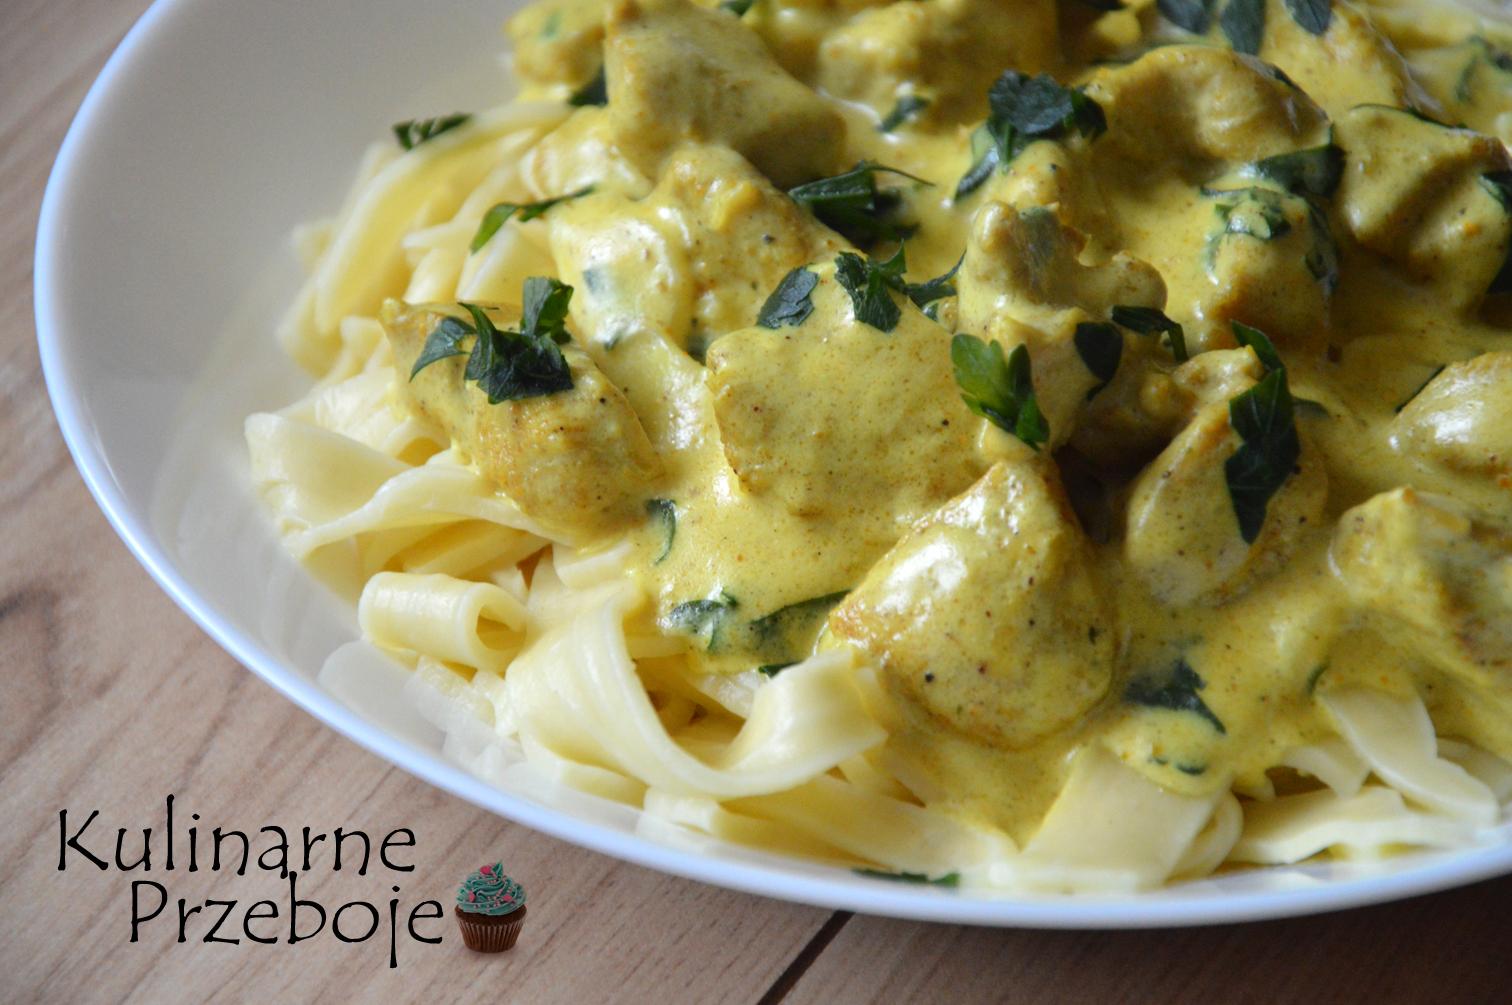 kurczak curry w 15 minut